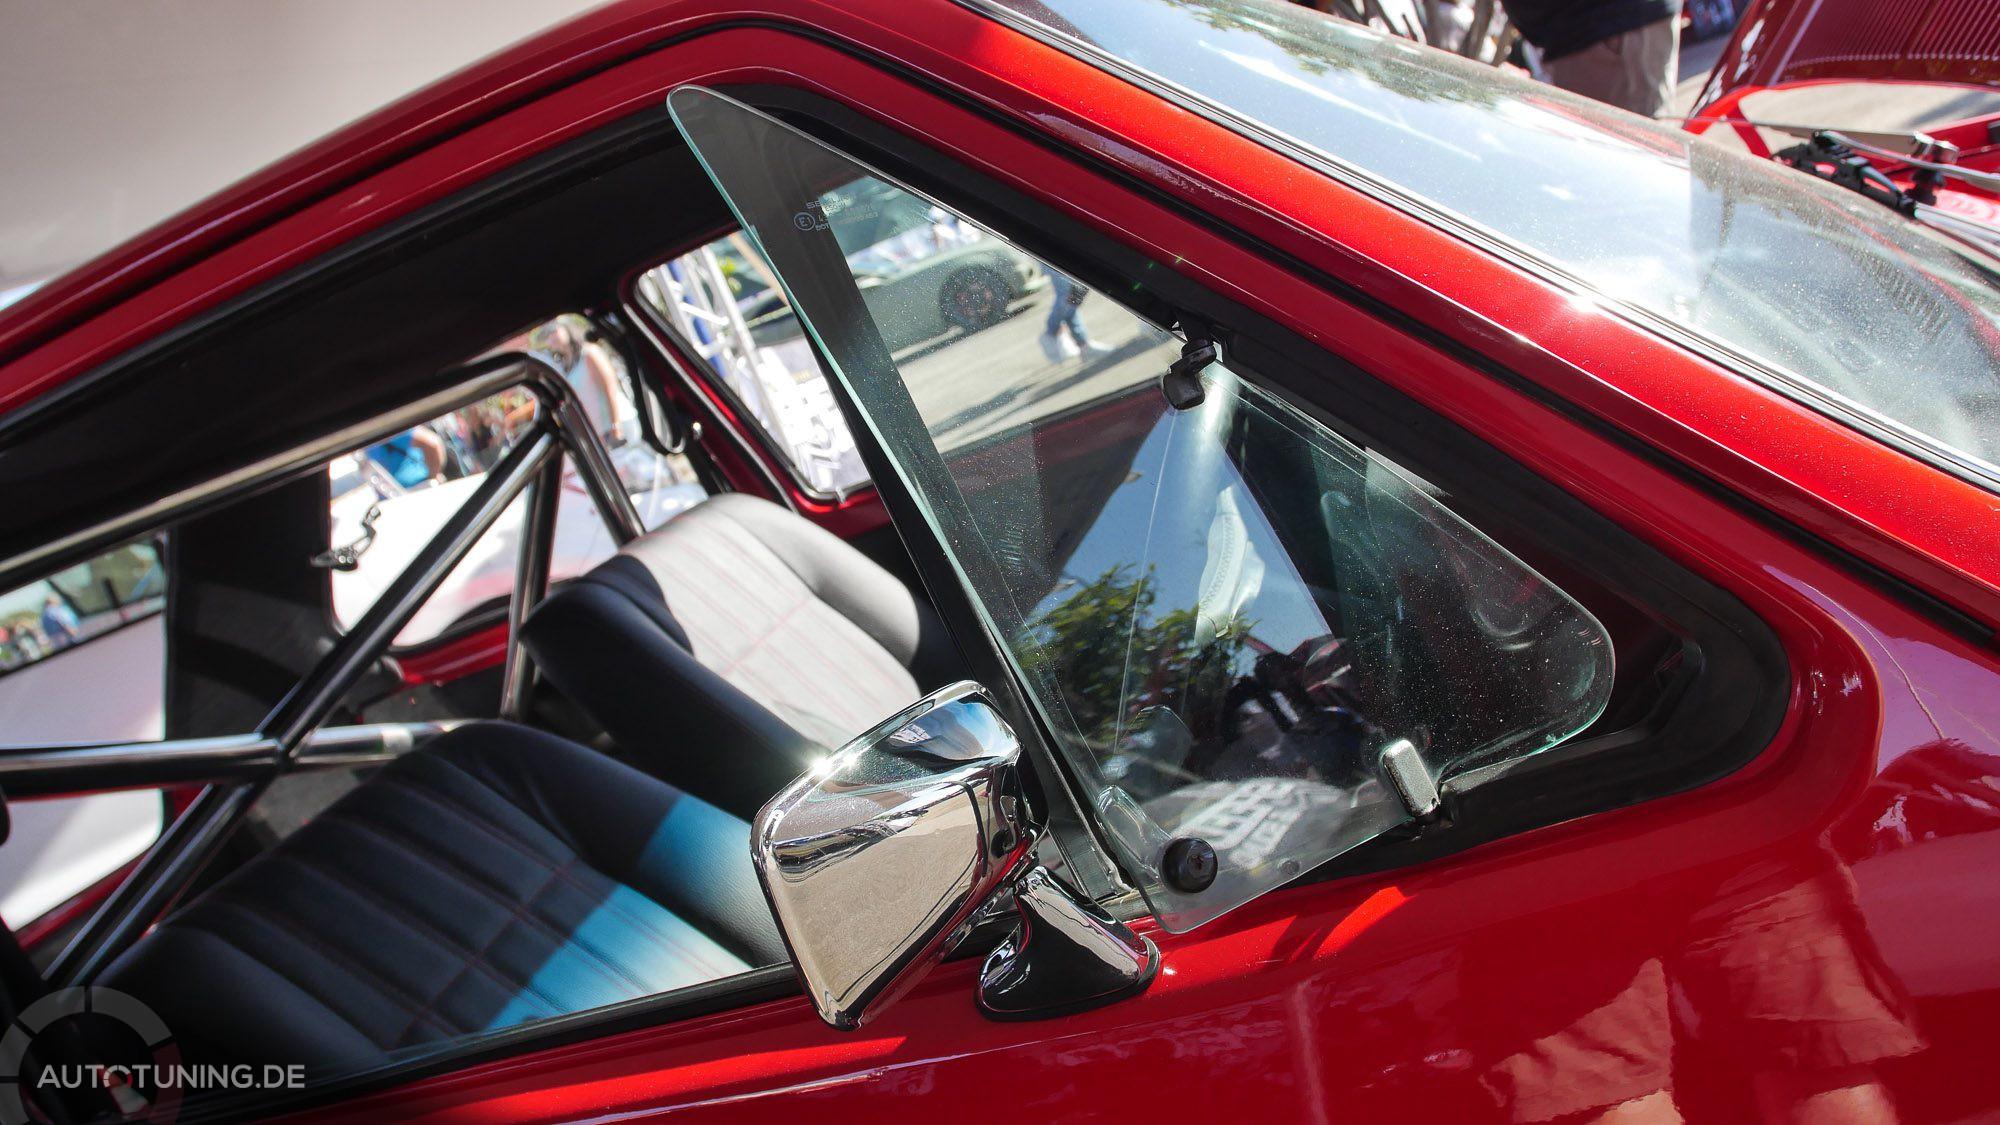 VW Golf MK1: Edle Seitenspiegel